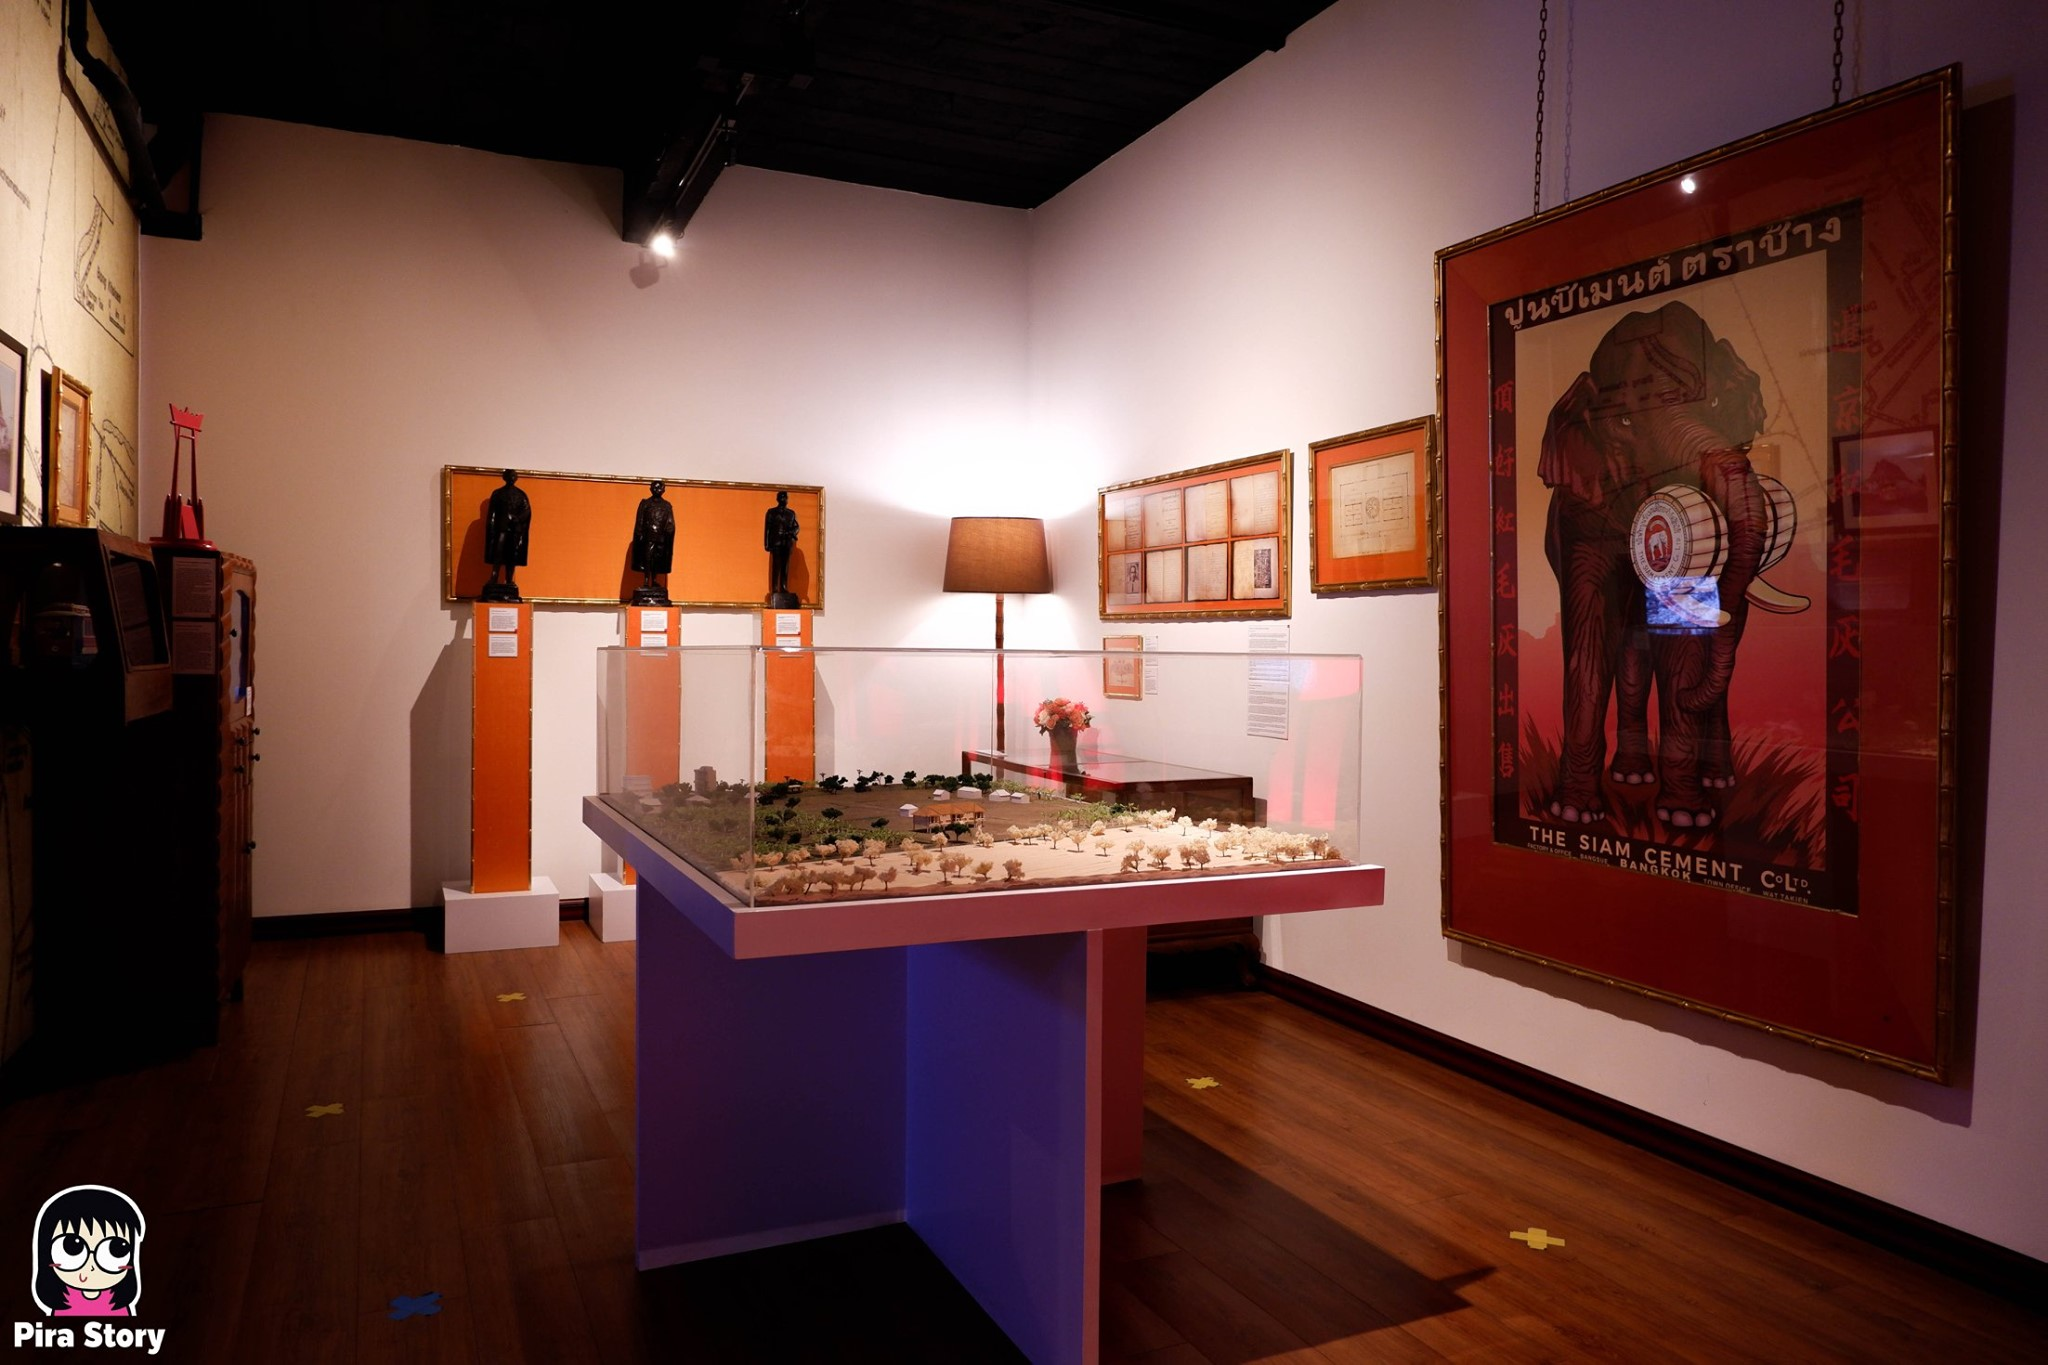 พิพิธภัณฑ์พัฒน์พงศ์ Patpong museum สถานบันเทิง บาร์ อะโกโก้ เต้นรูดเสา sex worker ค้าประเวณี โสเภณี โคมเขียว ผับ บาร์ 18+ พัฒน์พงศ์มิวเซียม pira story pirastory เที่ยวเนิร์ดๆ